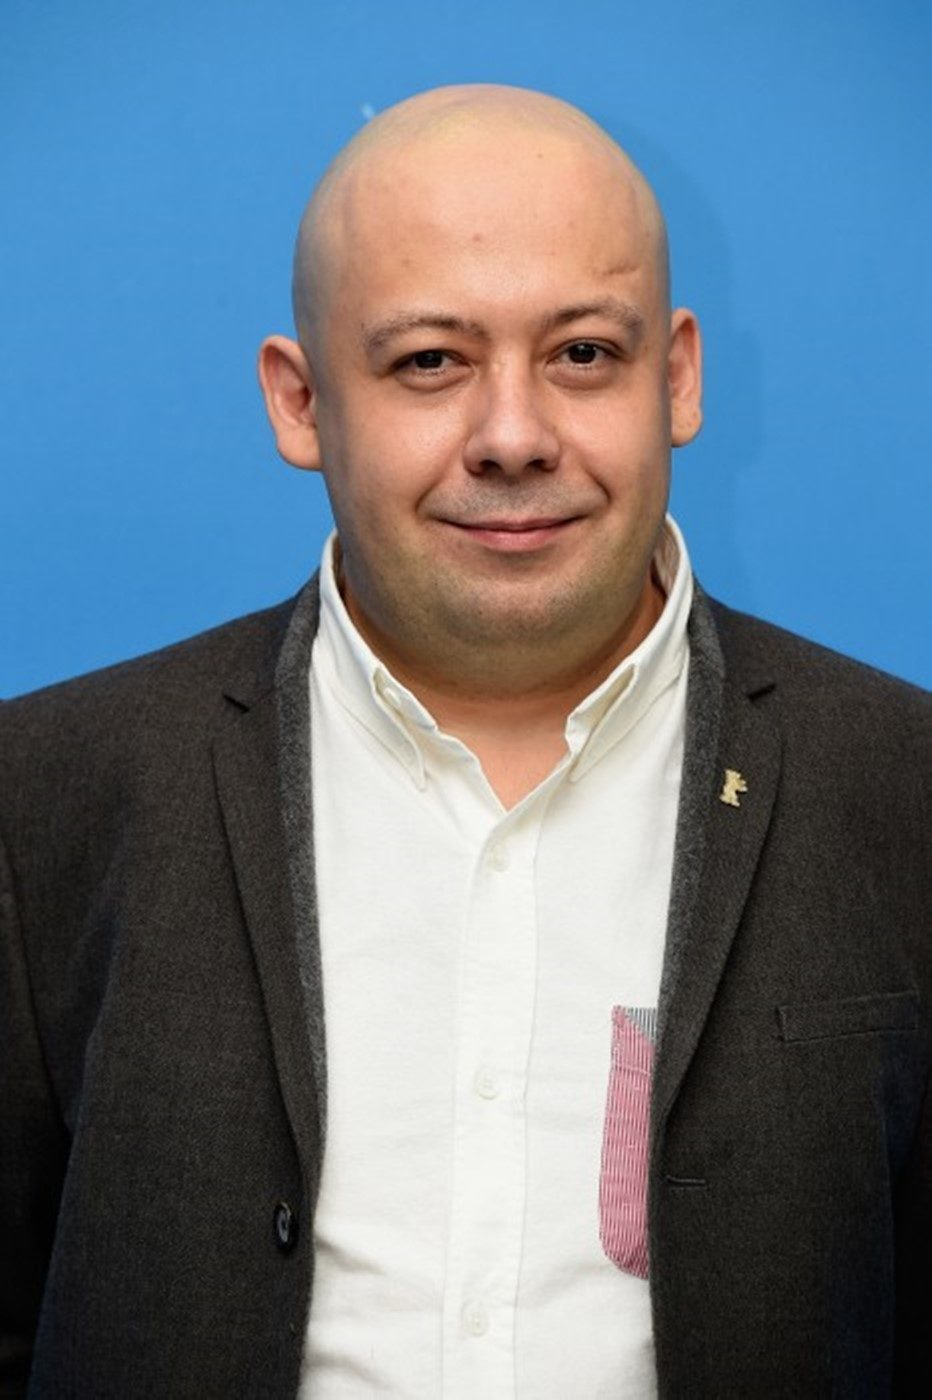 dovlatov-2018-Aleksei-German-Jr-006.jpg